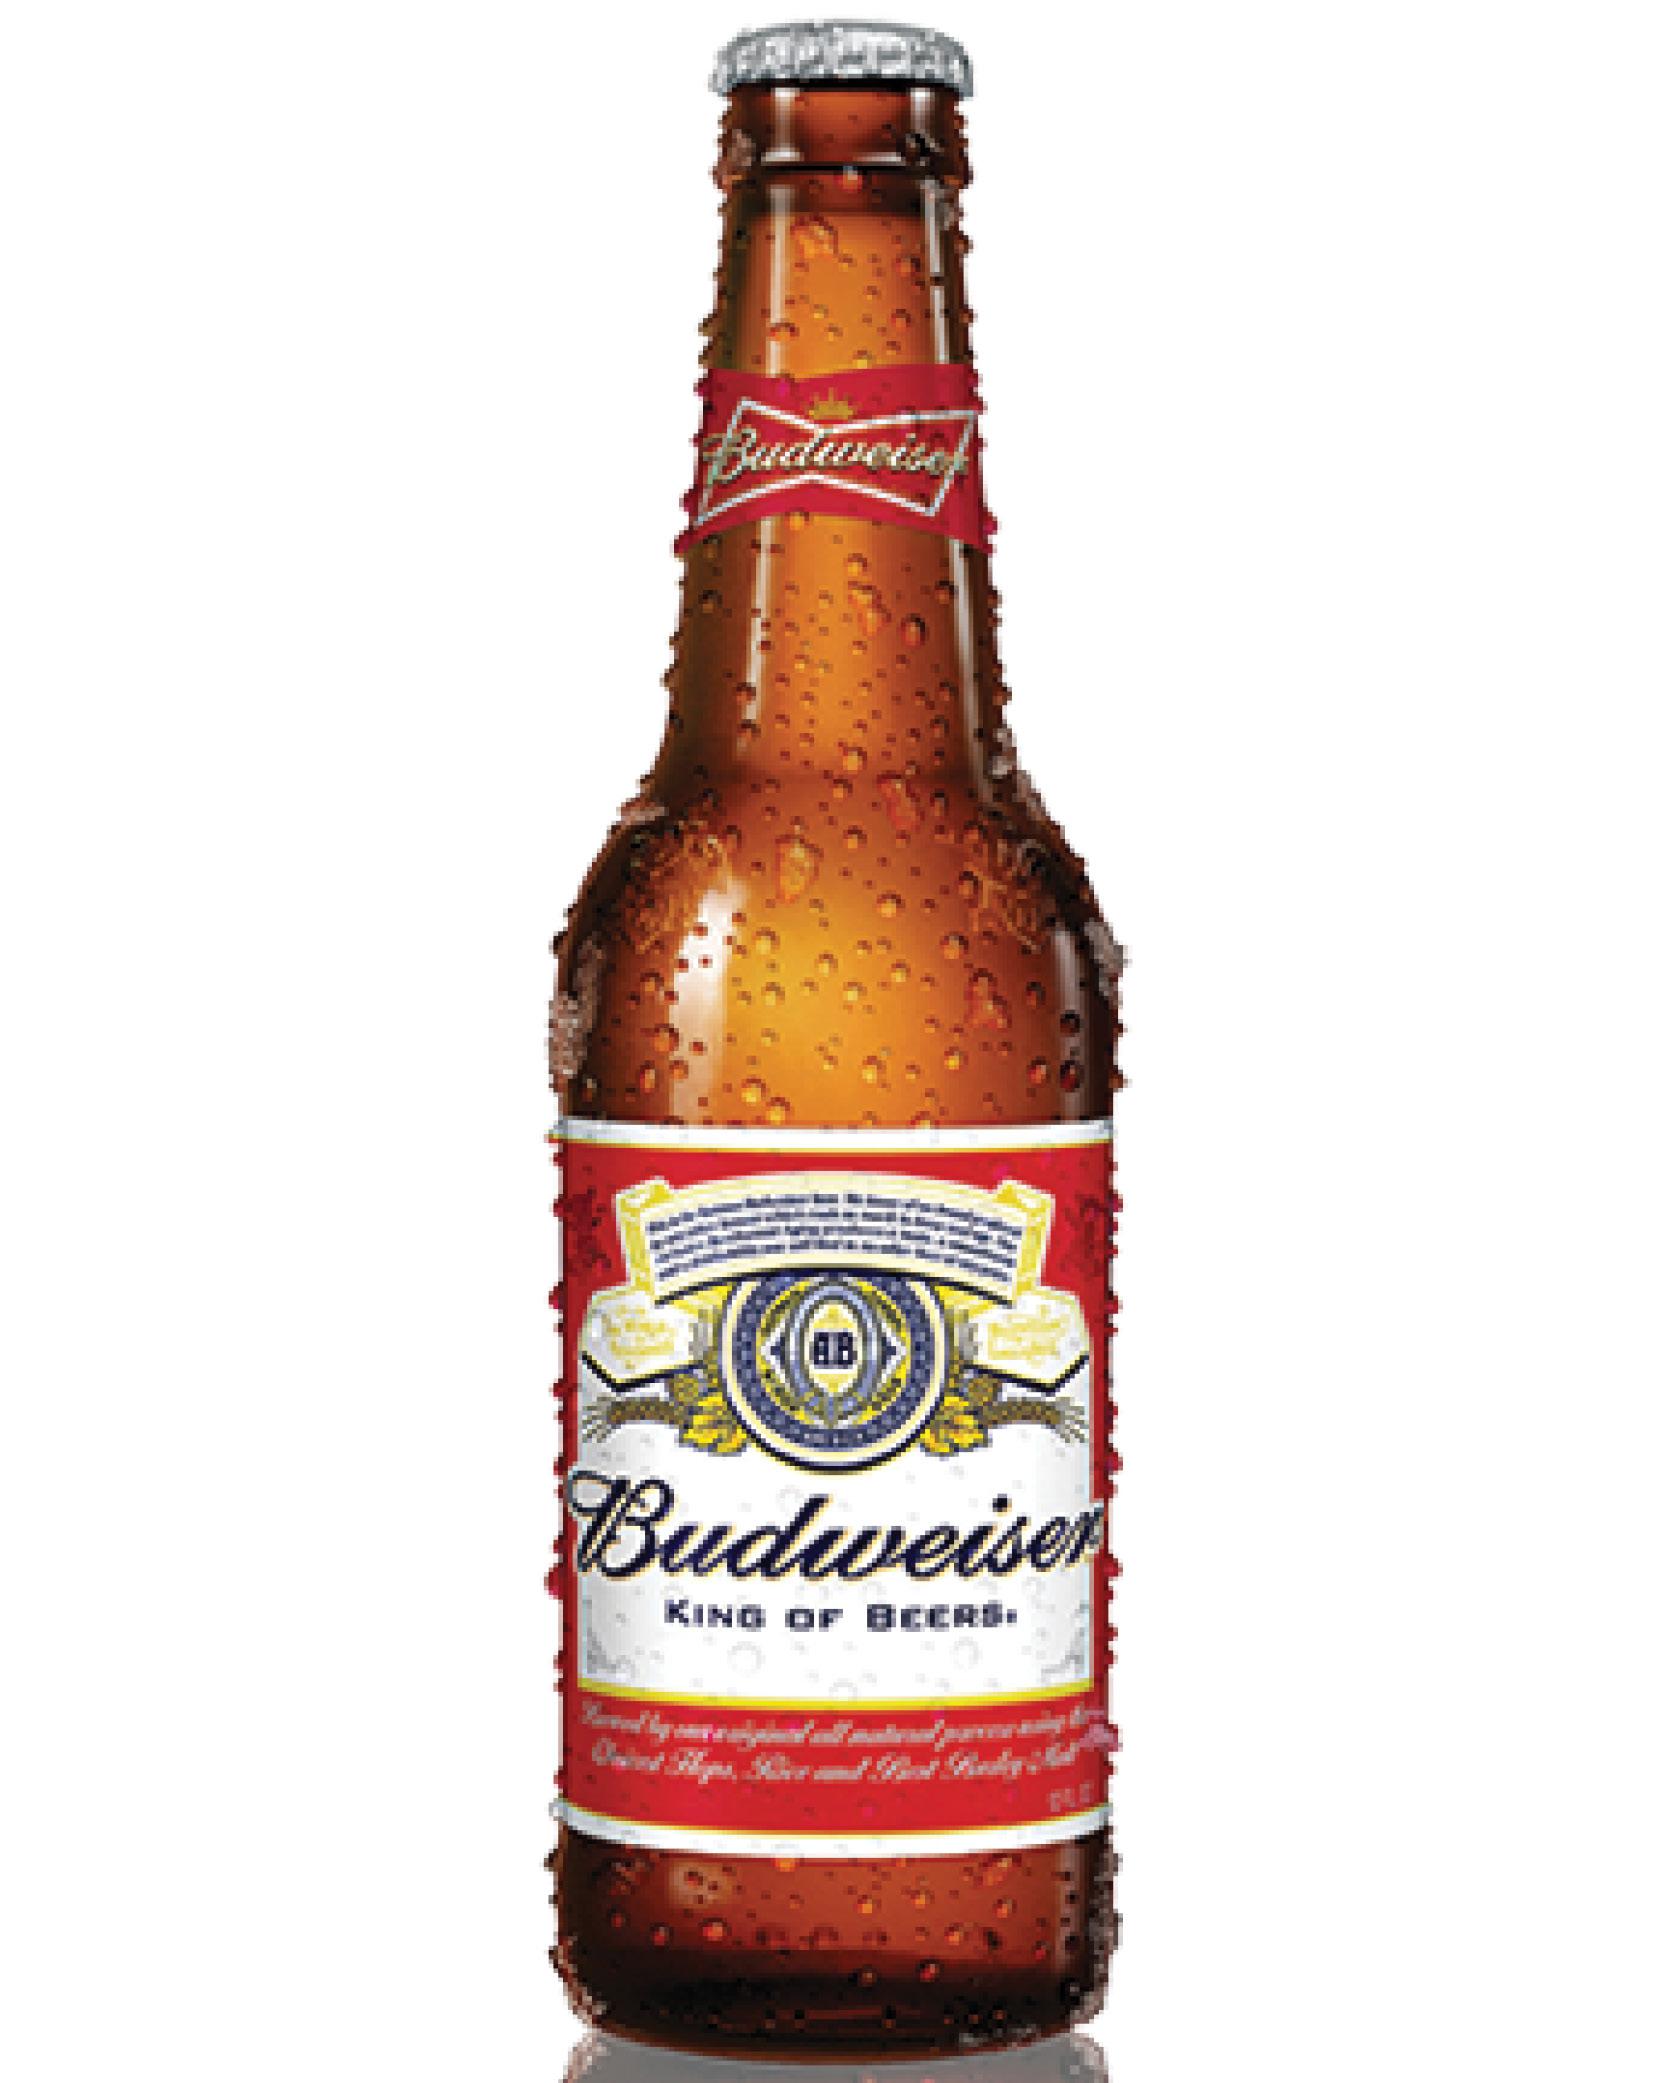 Budweiser clipart anheuser busch Beers Anheuser Busch Anheuser Busch